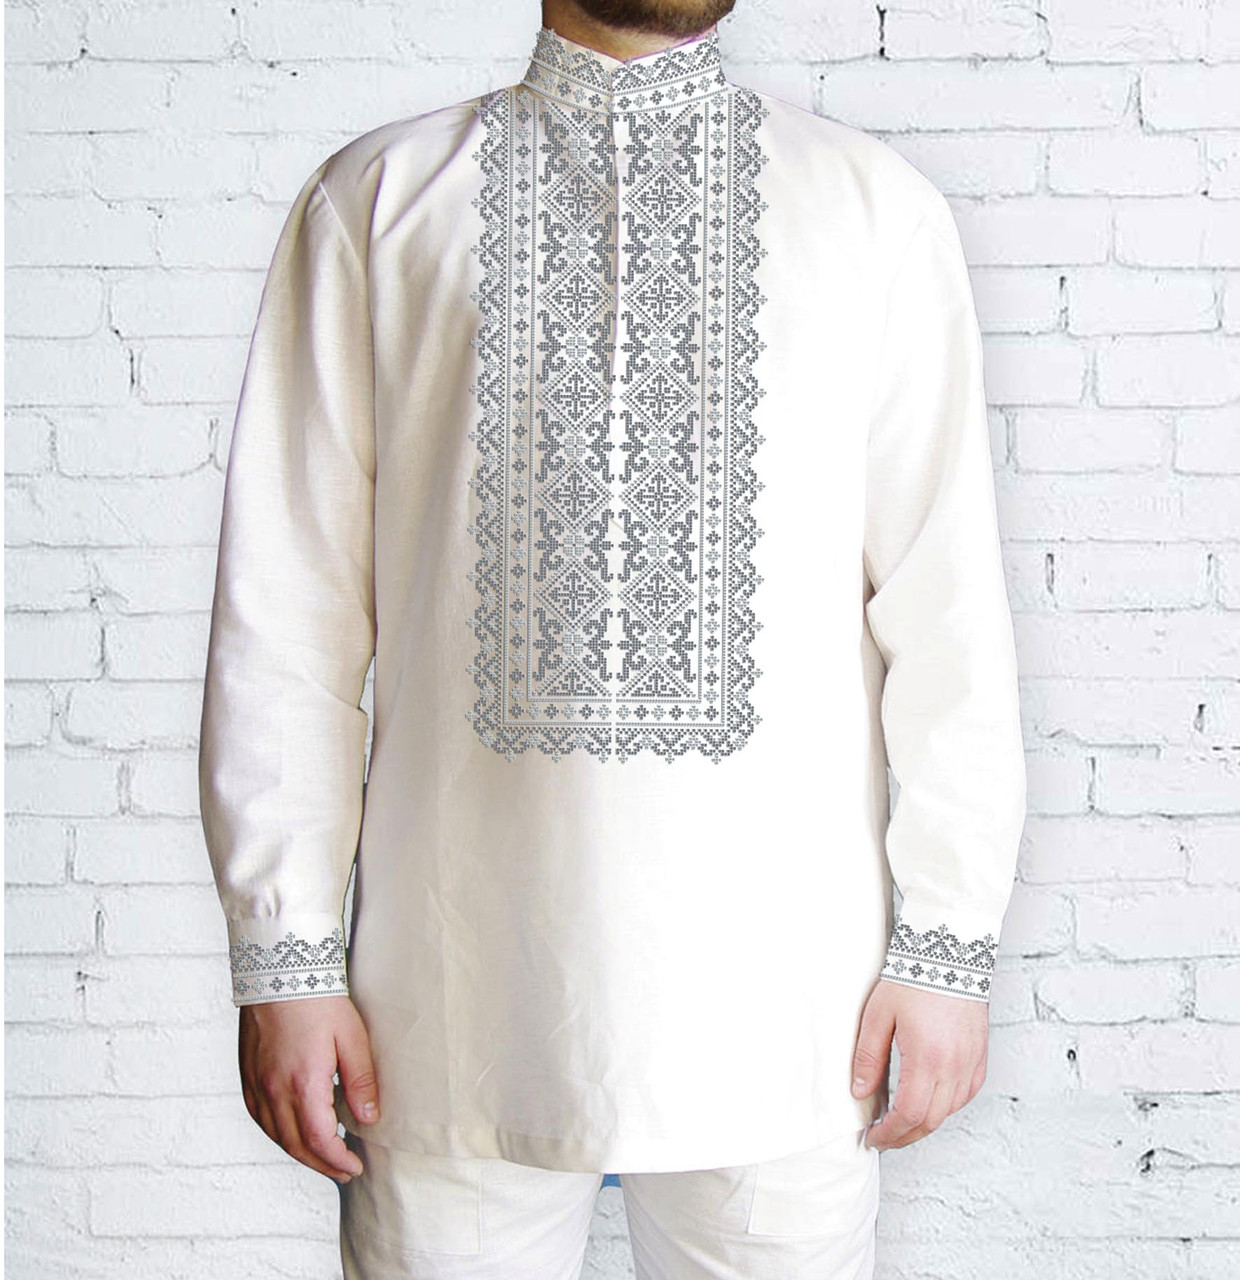 Заготовка чоловічої сорочки та вишиванки для вишивки чи вишивання бісером Бисерок «553 Сіра» (Ч-553с )